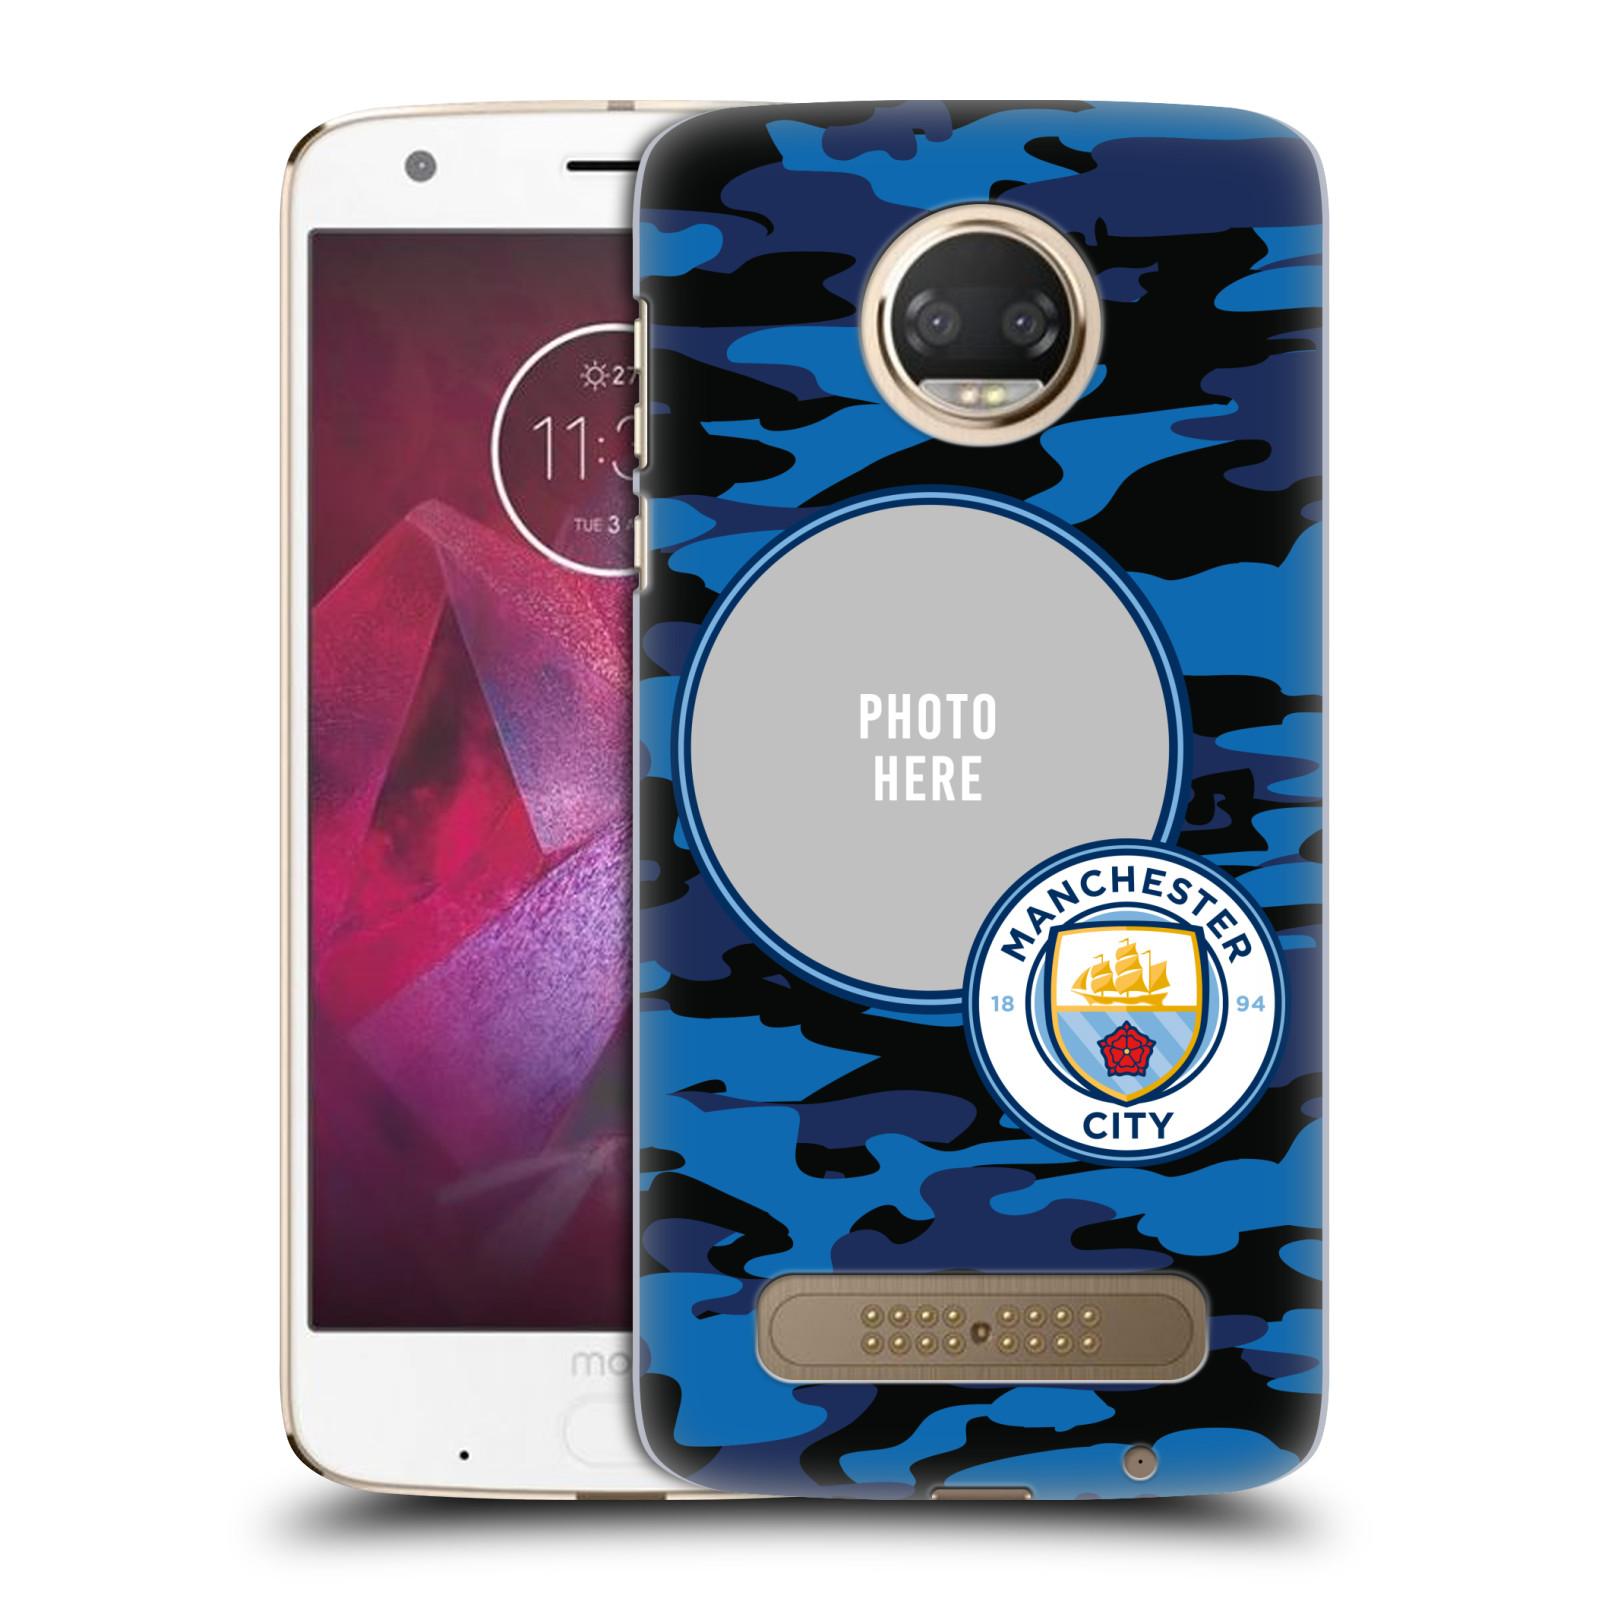 Personalizado-Manchester-City-Hombre-Ciudad-Fc-2017-18-logotipos-y-funda-para-telefonos-MOTOROLA-KIT